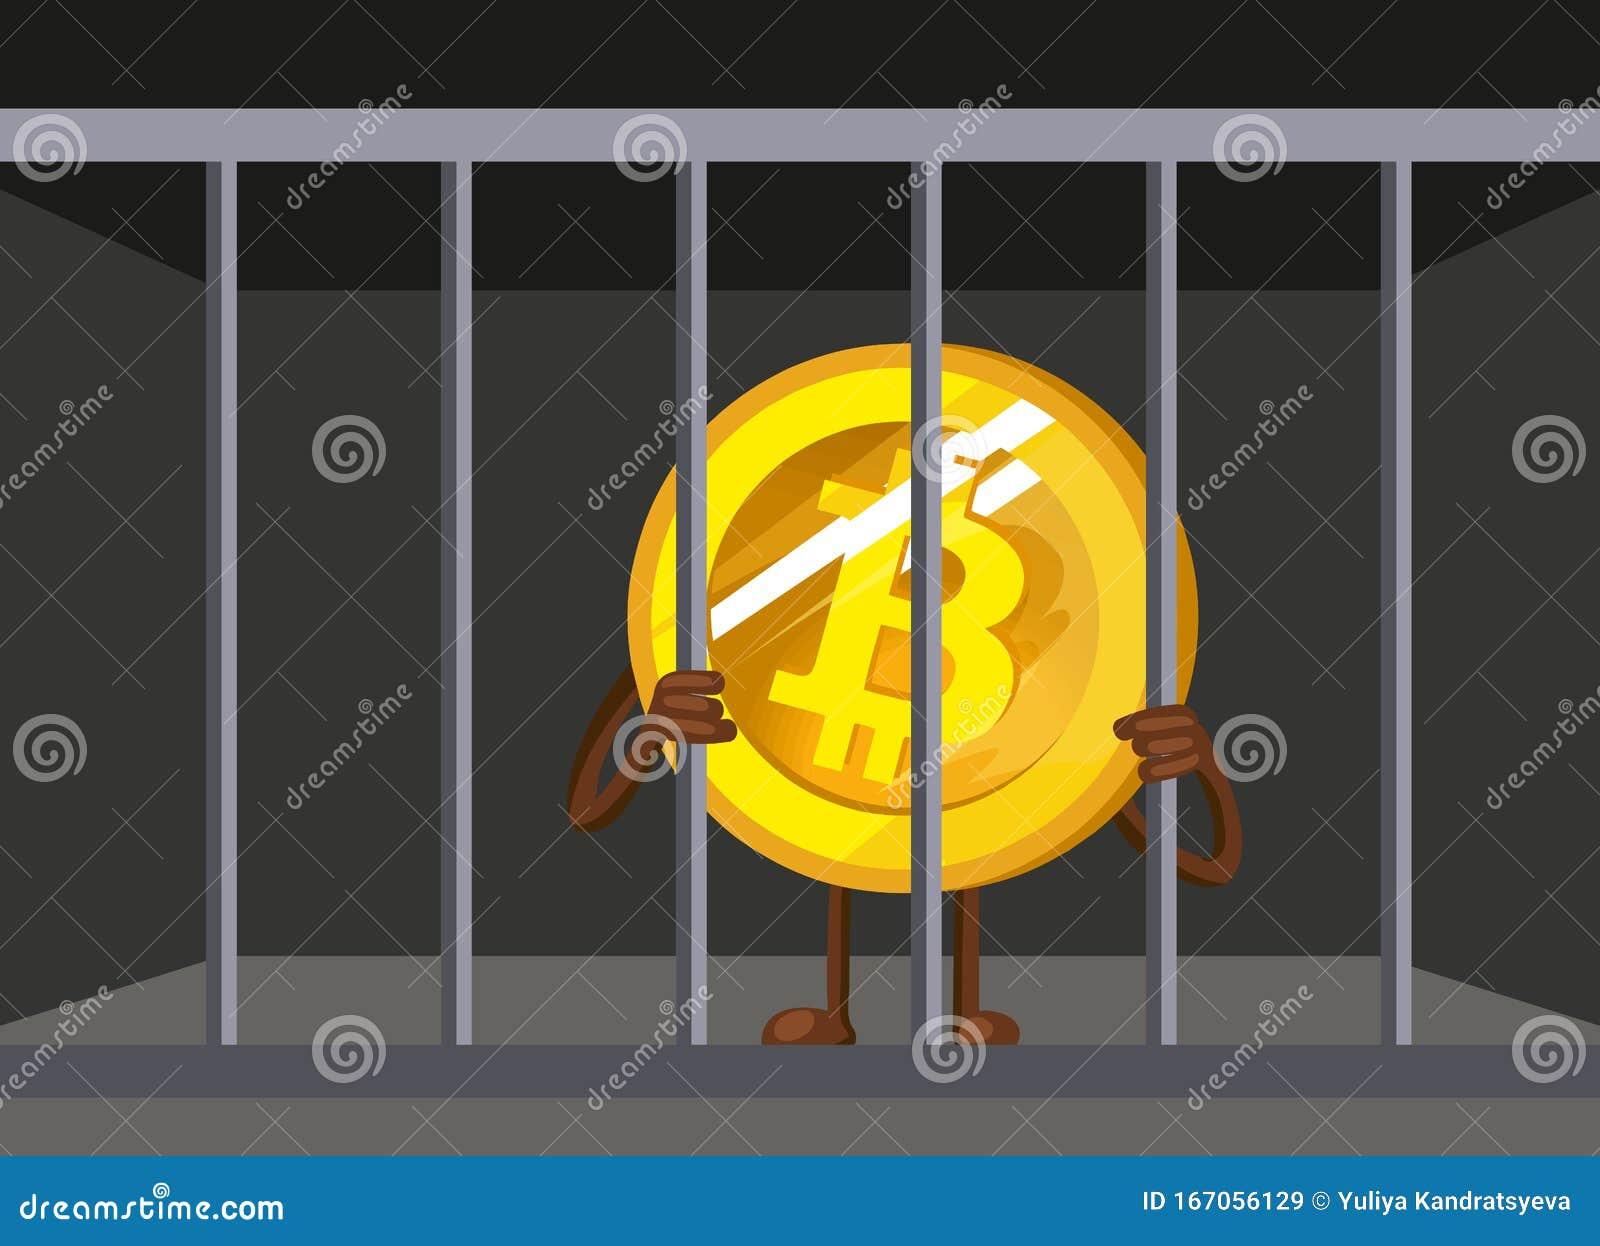 Bitcoin, ecco tutte le attività illecite fatte con le crittovalute - Agenda Digitale